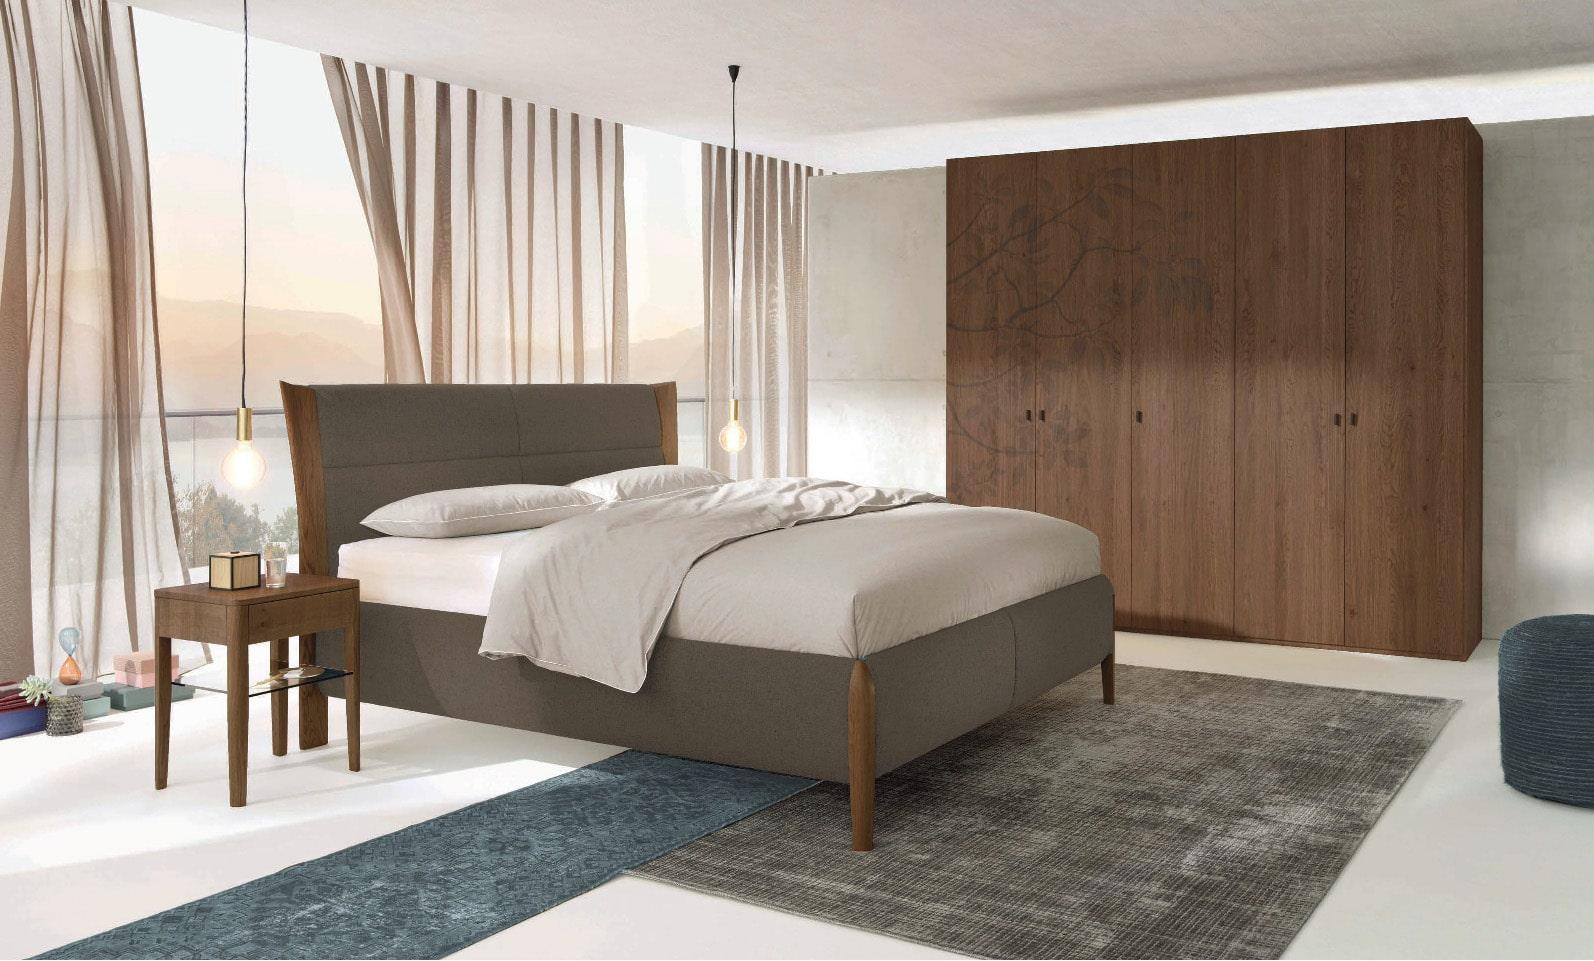 Schlafzimmer Mevisto Hartmann Naturmobel